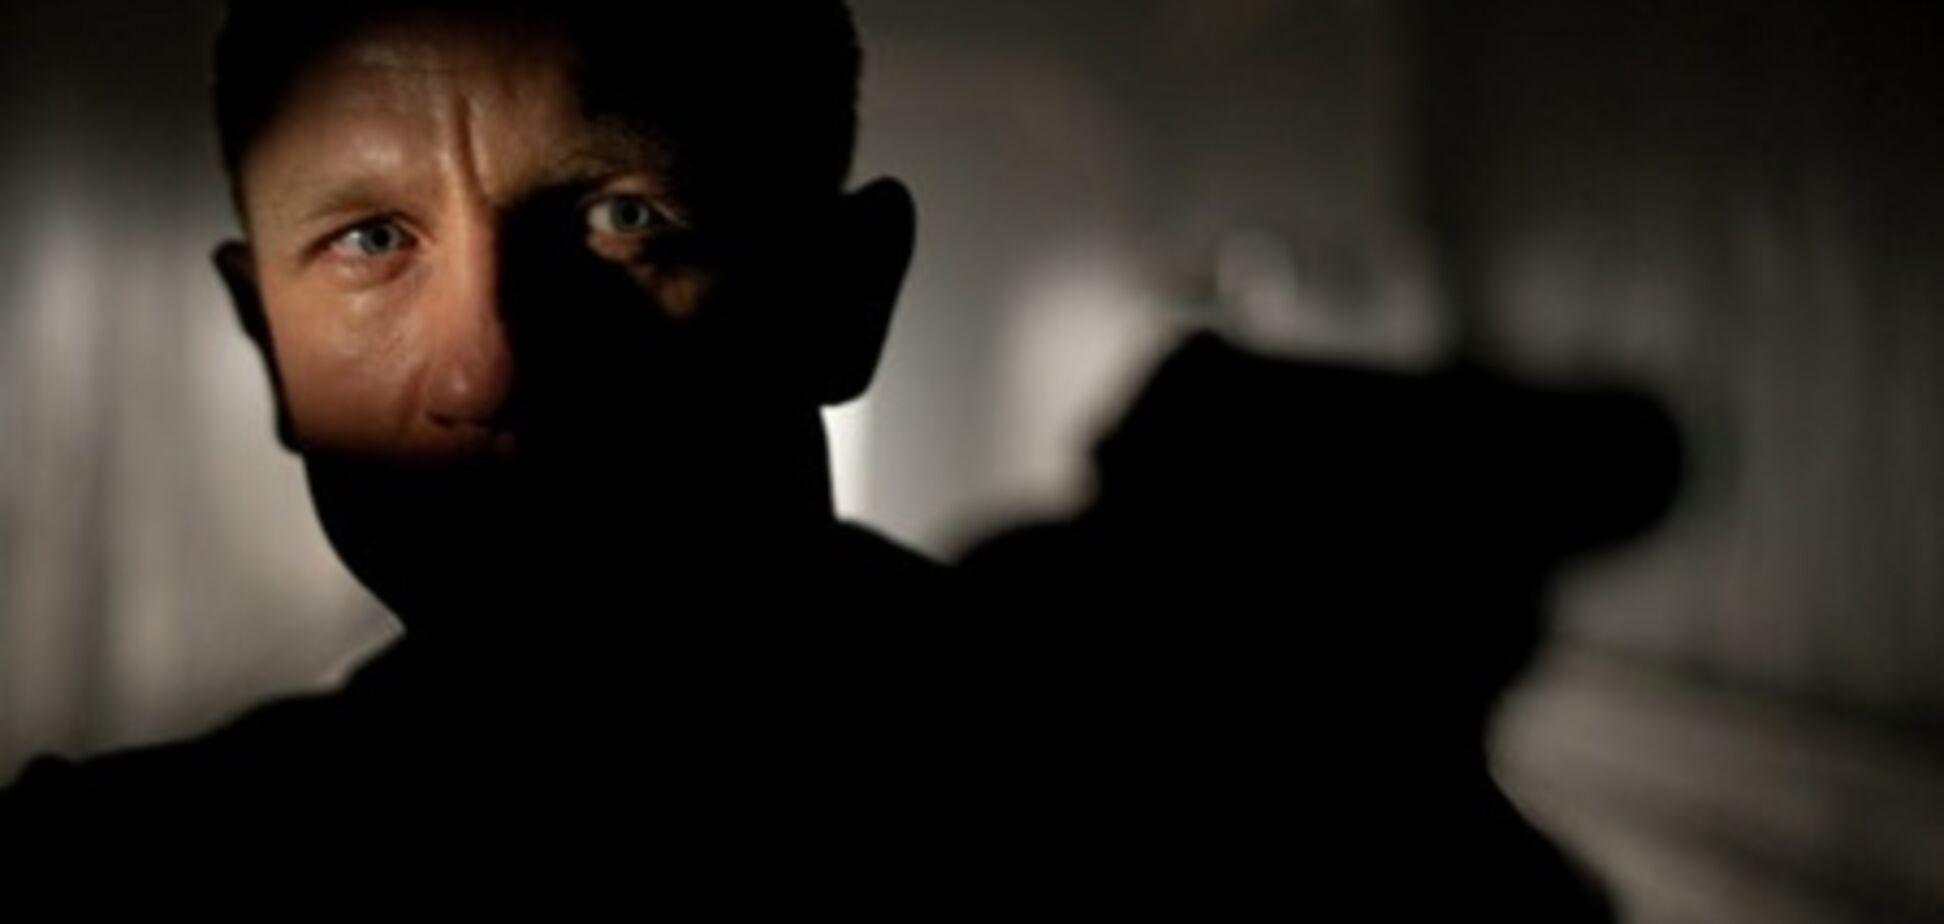 Деніел Крейг зніметься в двох нових бойовиках про Бонда за $ 50 мільйонів